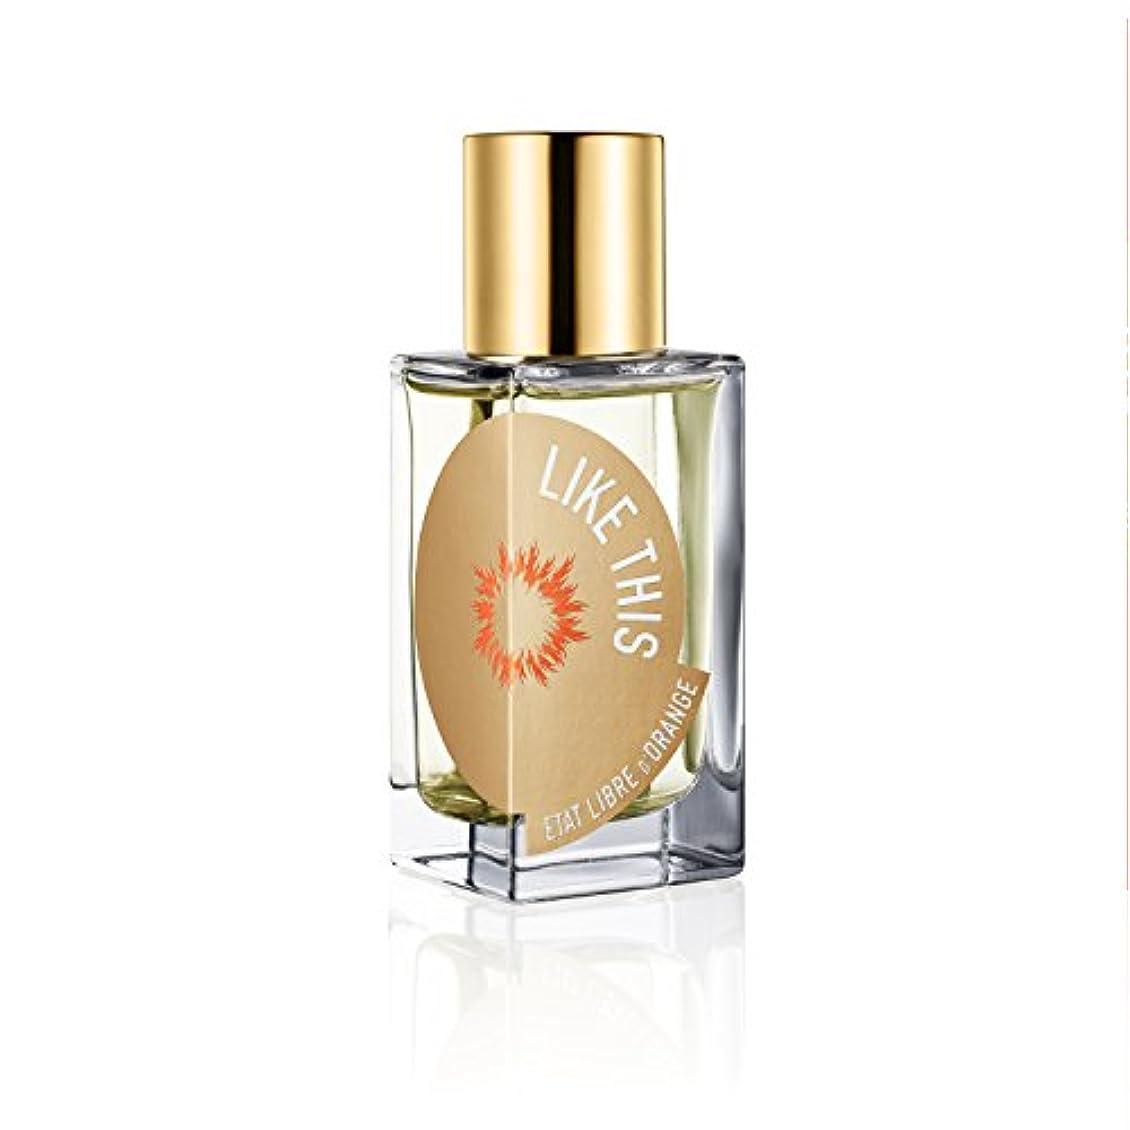 出発する雷雨ブレークEtat Libre D'Orange Tilda Swinton Like This EDP 50ml(エタ リーヴル ド ランジュ ティルダ スウィントン ライク ディス オードパルファン 50ml)[海外直送品]